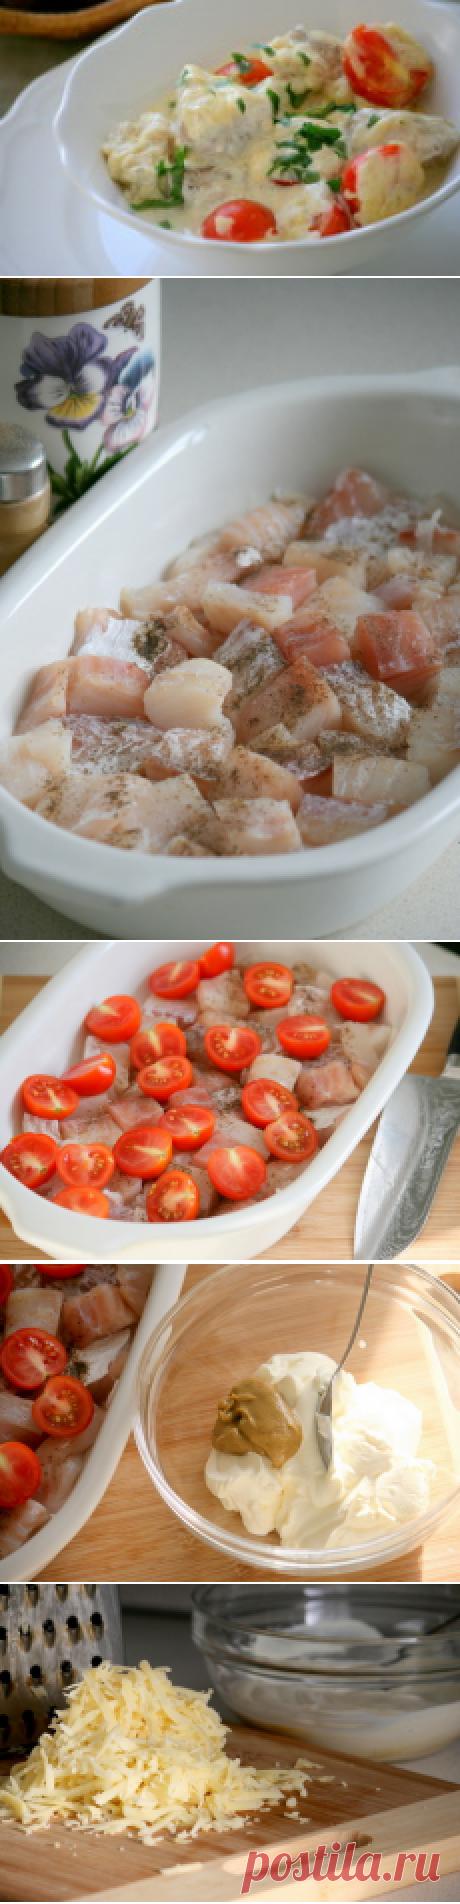 Треска запеченная в духовке с сыром и томатами - Домашний Ресторан